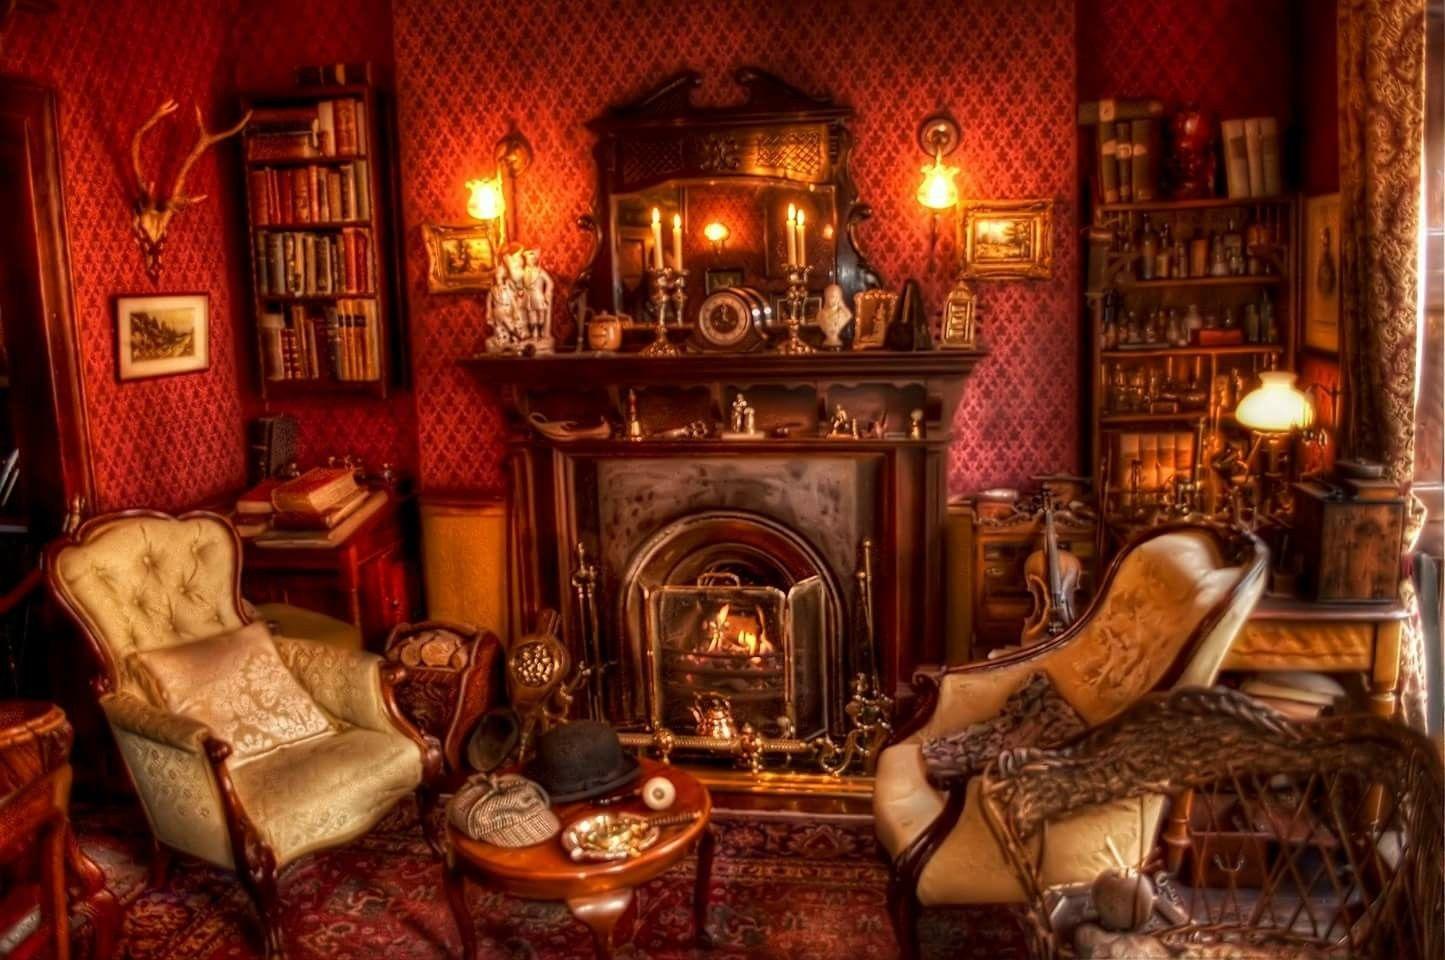 Pin von Carol Hanley auf Victorian interior pictures | Pinterest